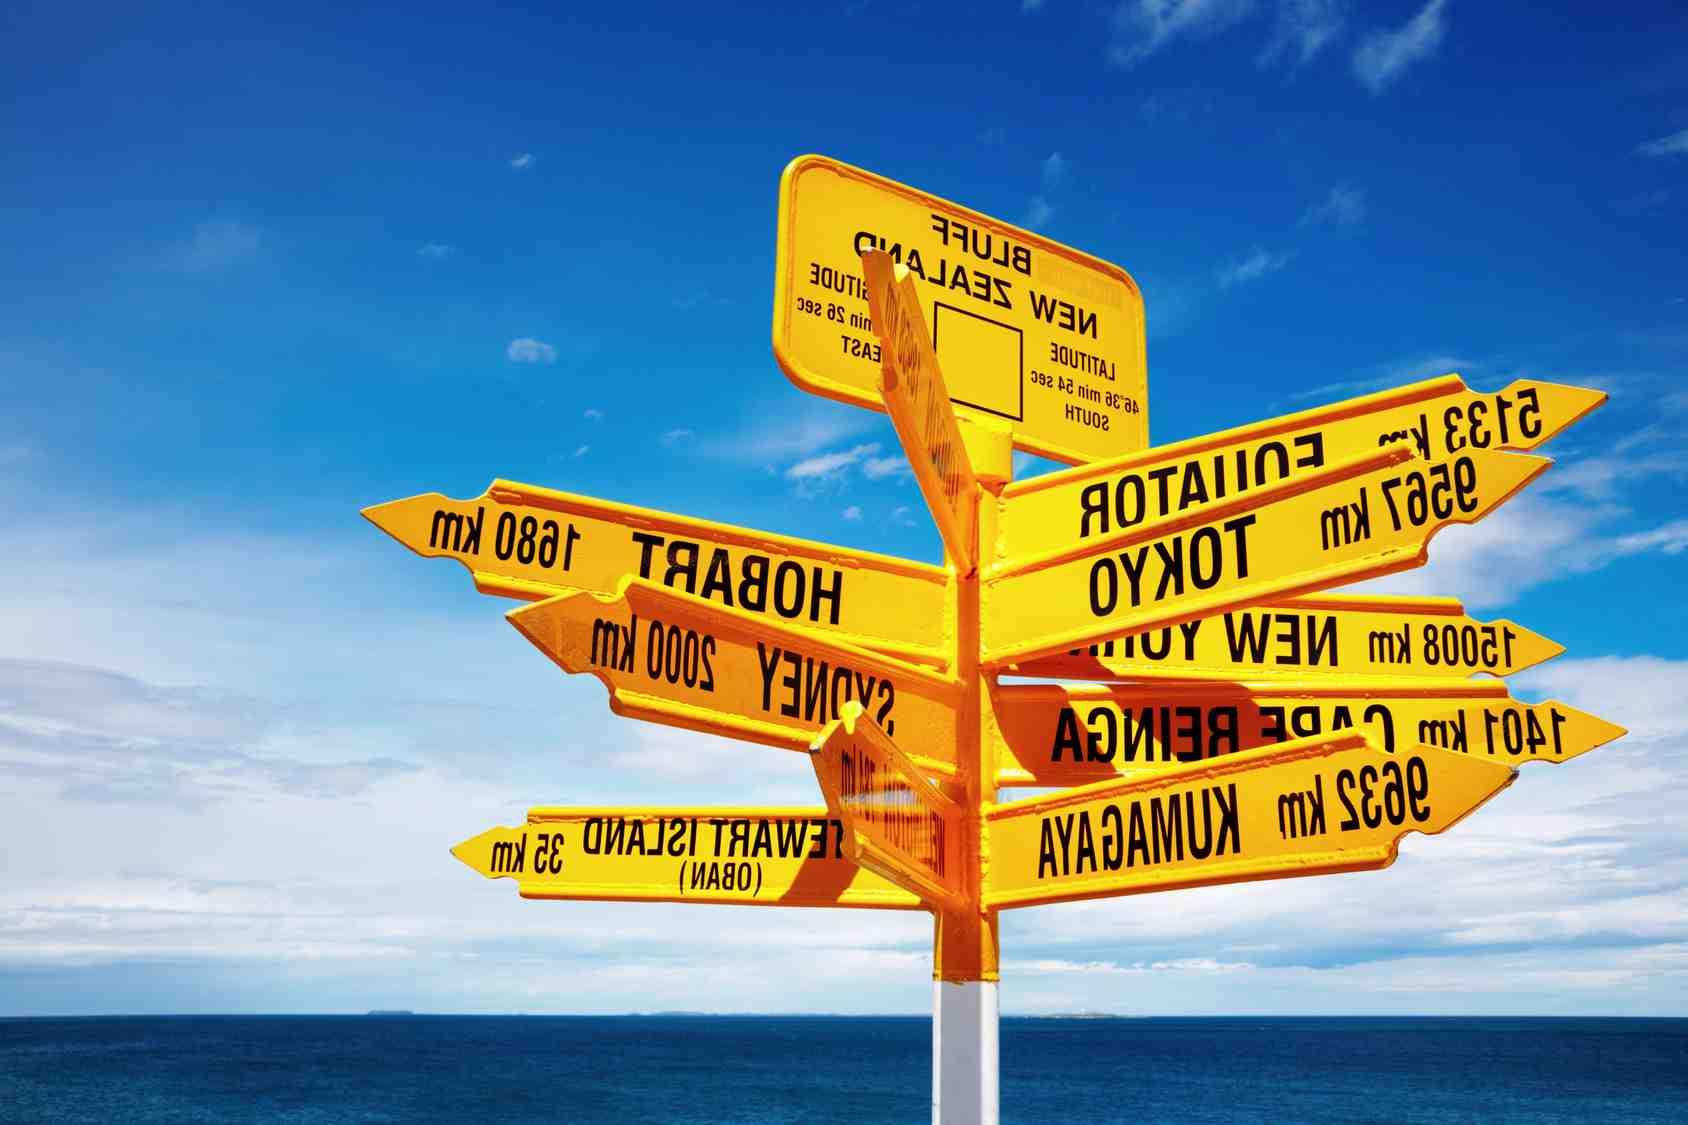 Quel est le but du voyage?